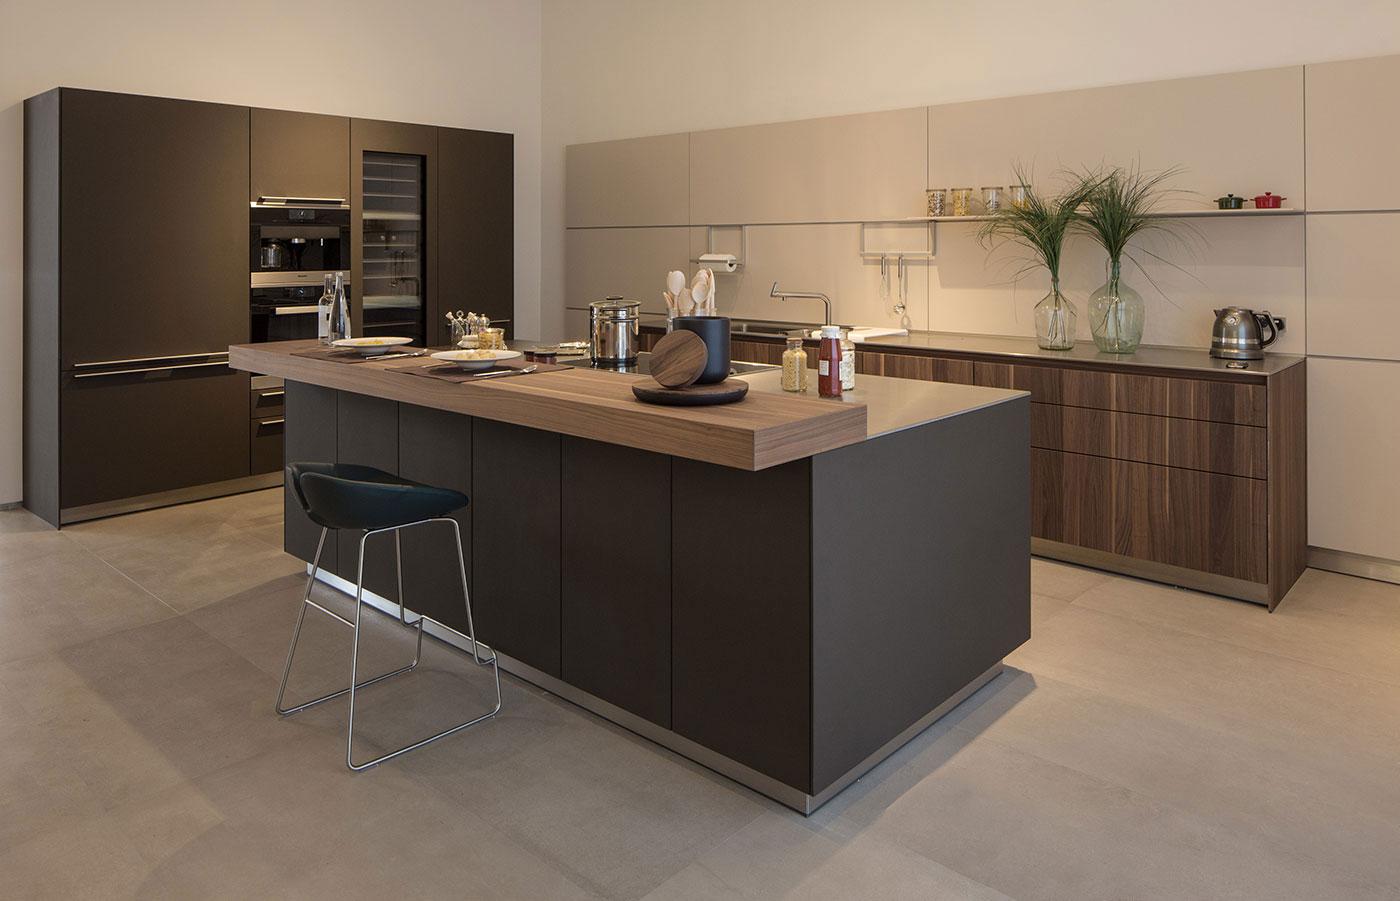 Obegi Home Bulthaup Kitchens Area 1